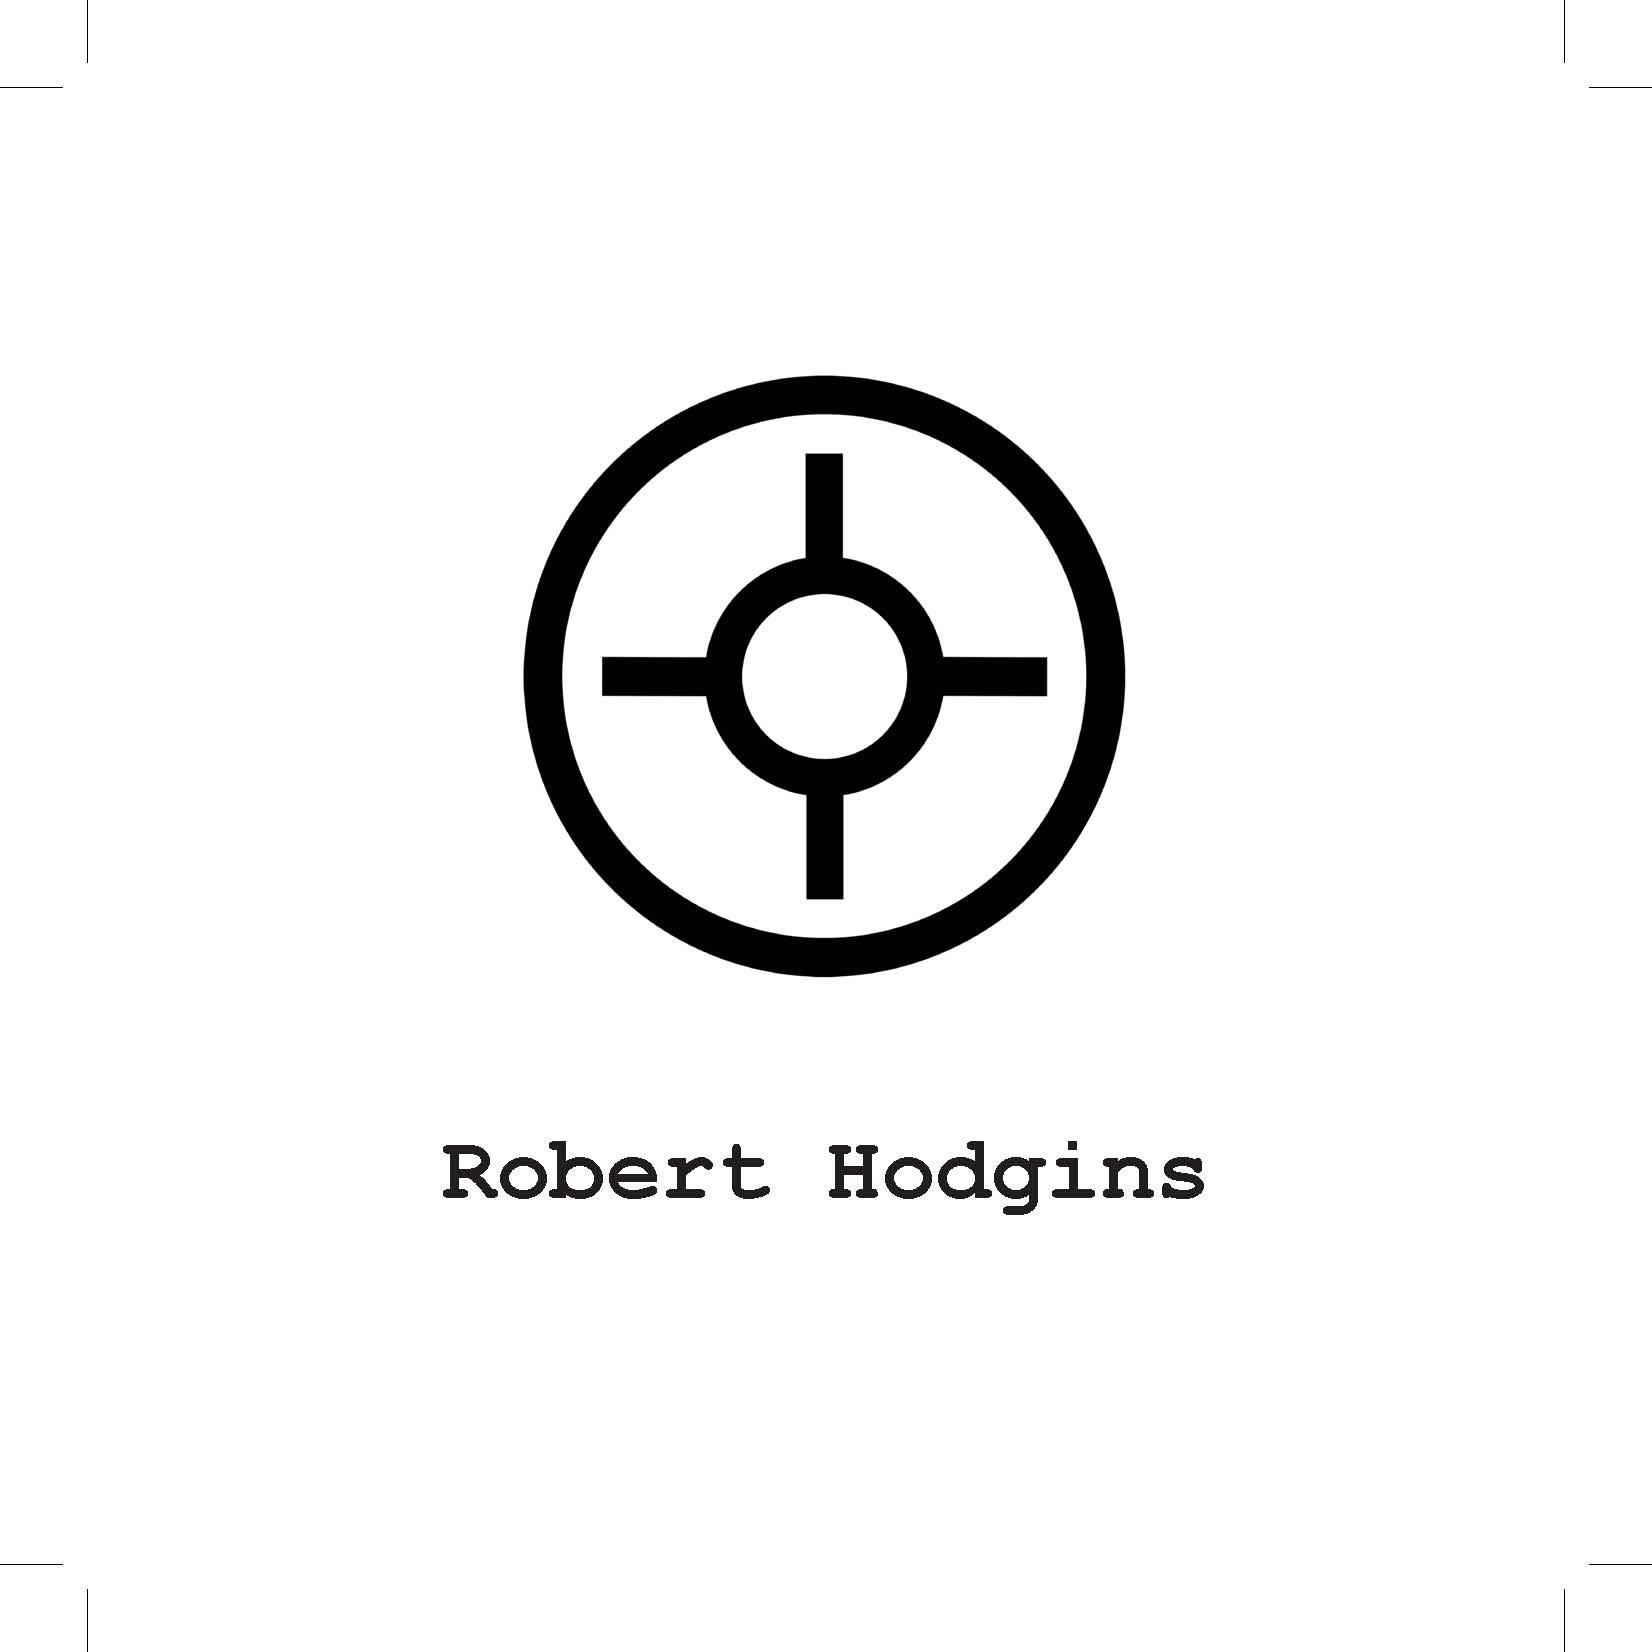 MAP Southafrica - Robert Hodgins